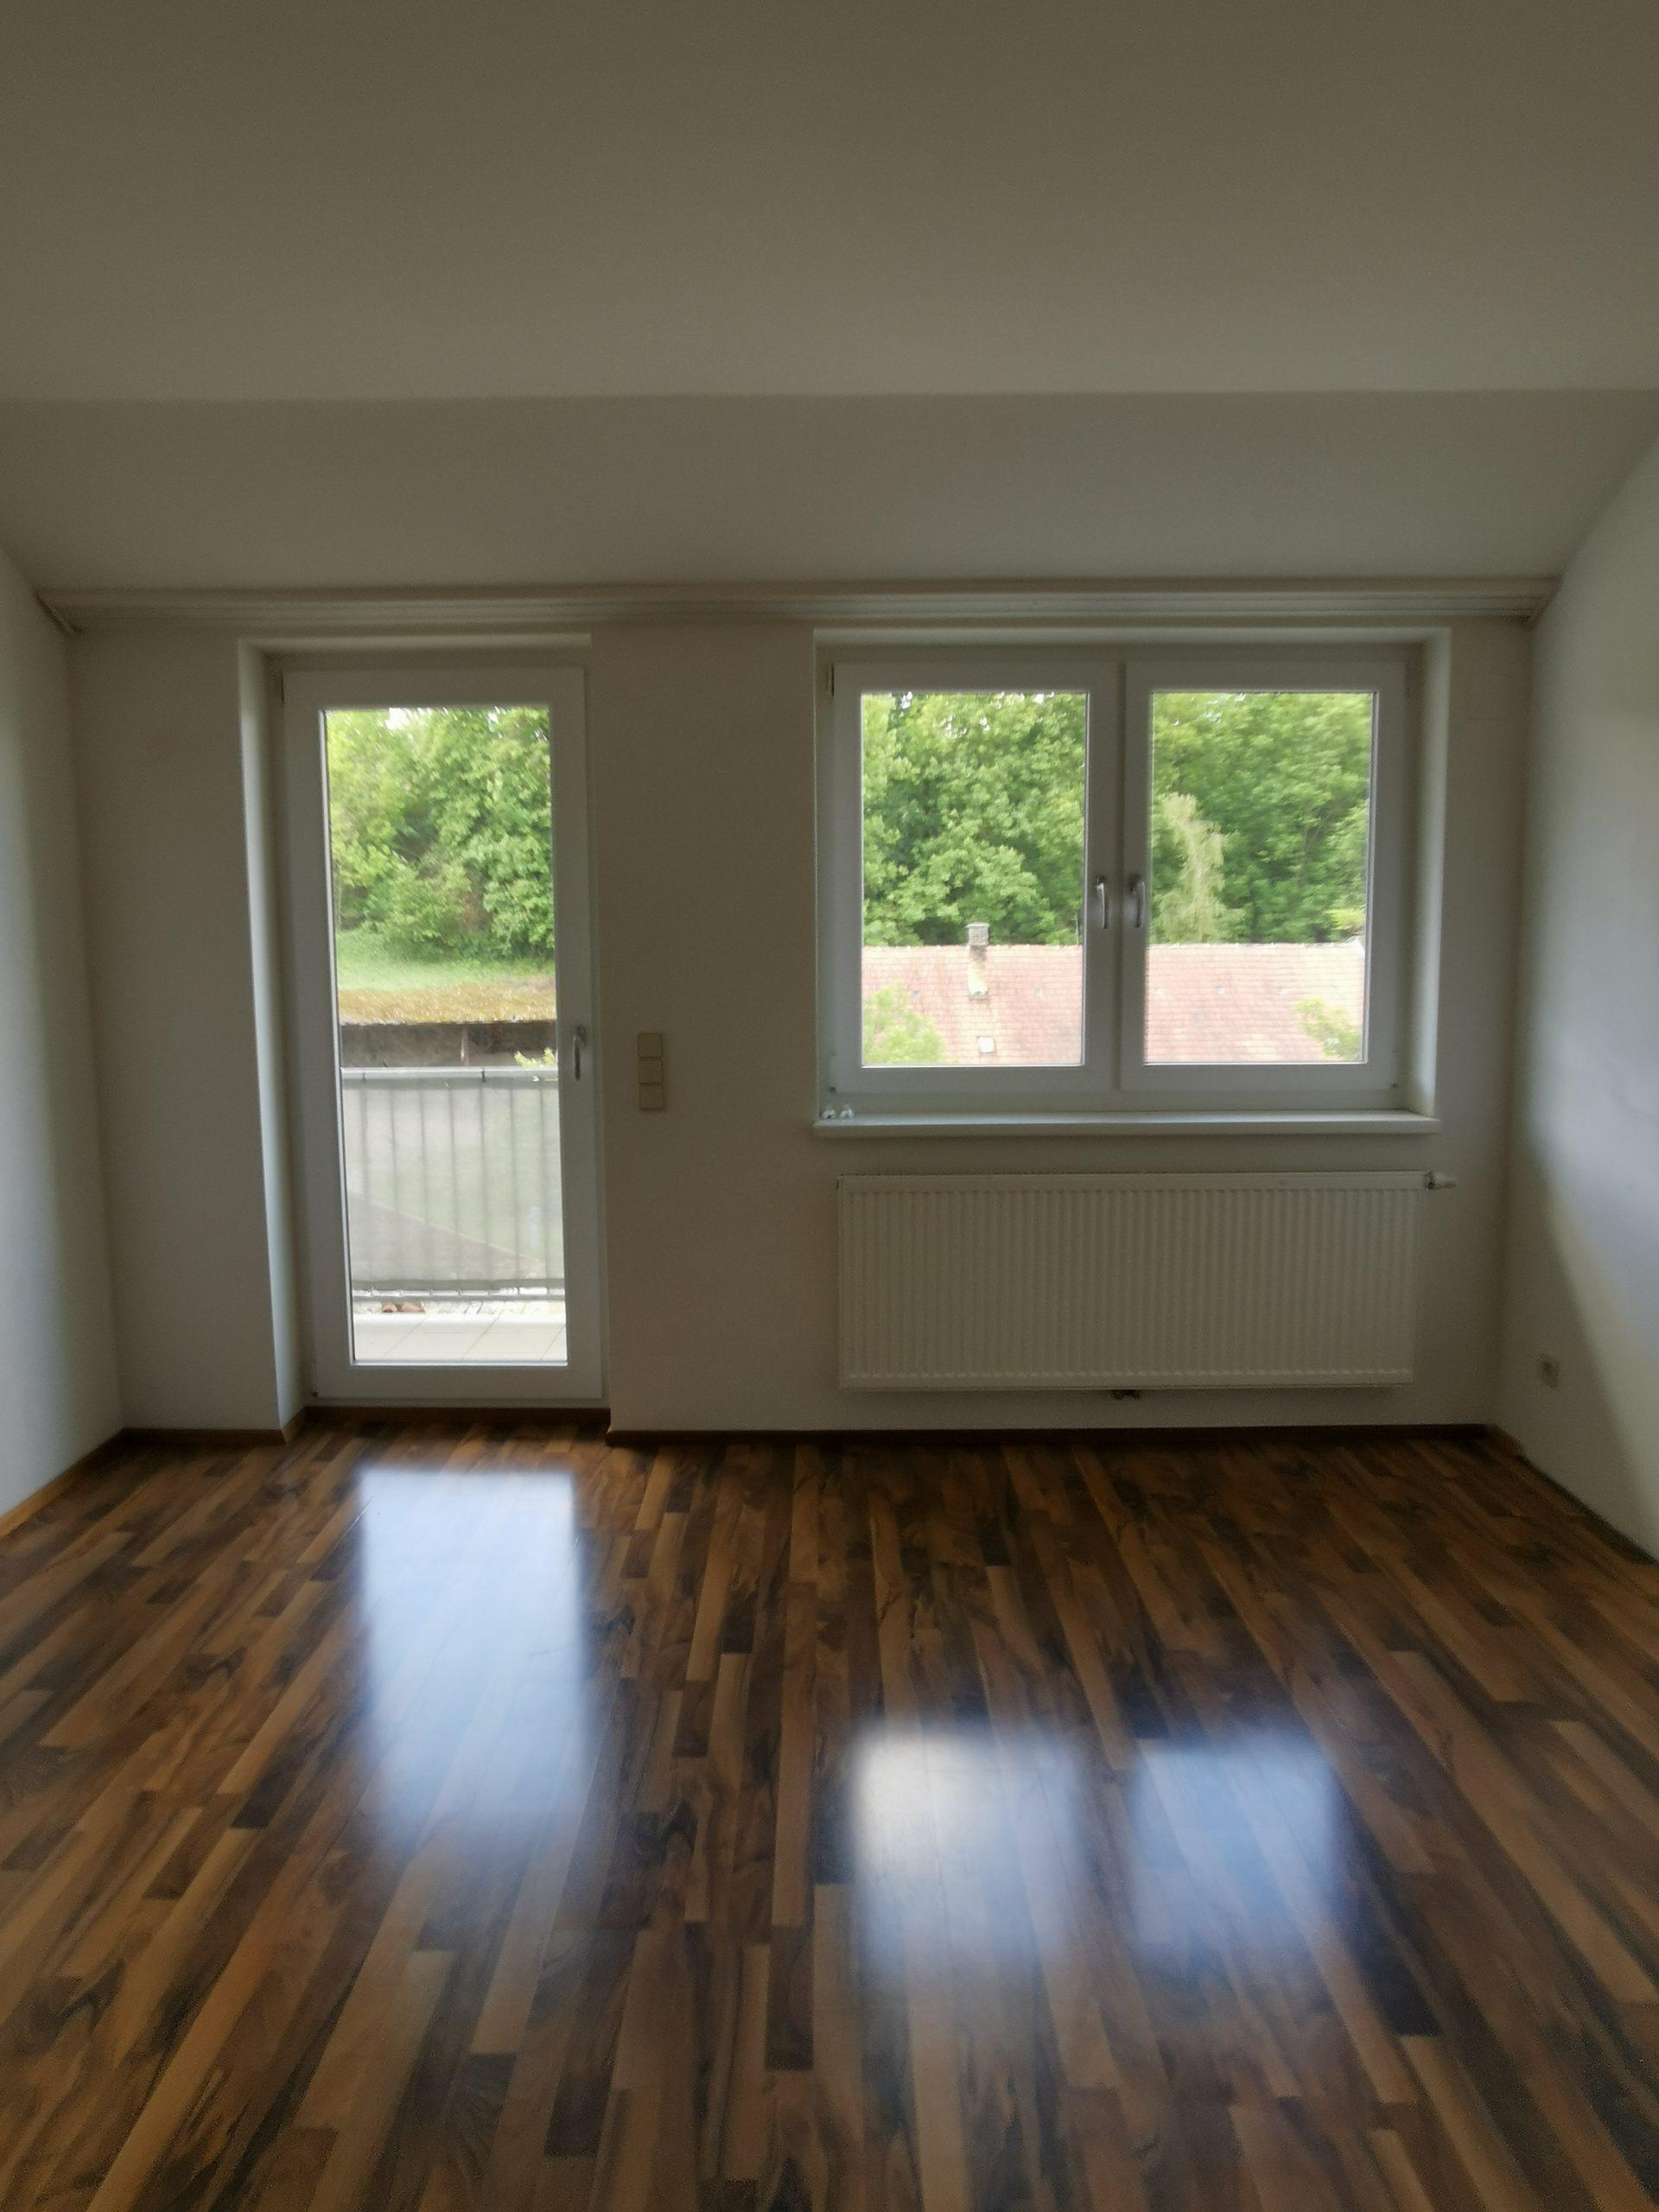 Immobilie von Kamptal in 3730 Eggenburg, Horn, Eggenburg V/2 - Top 111 #1